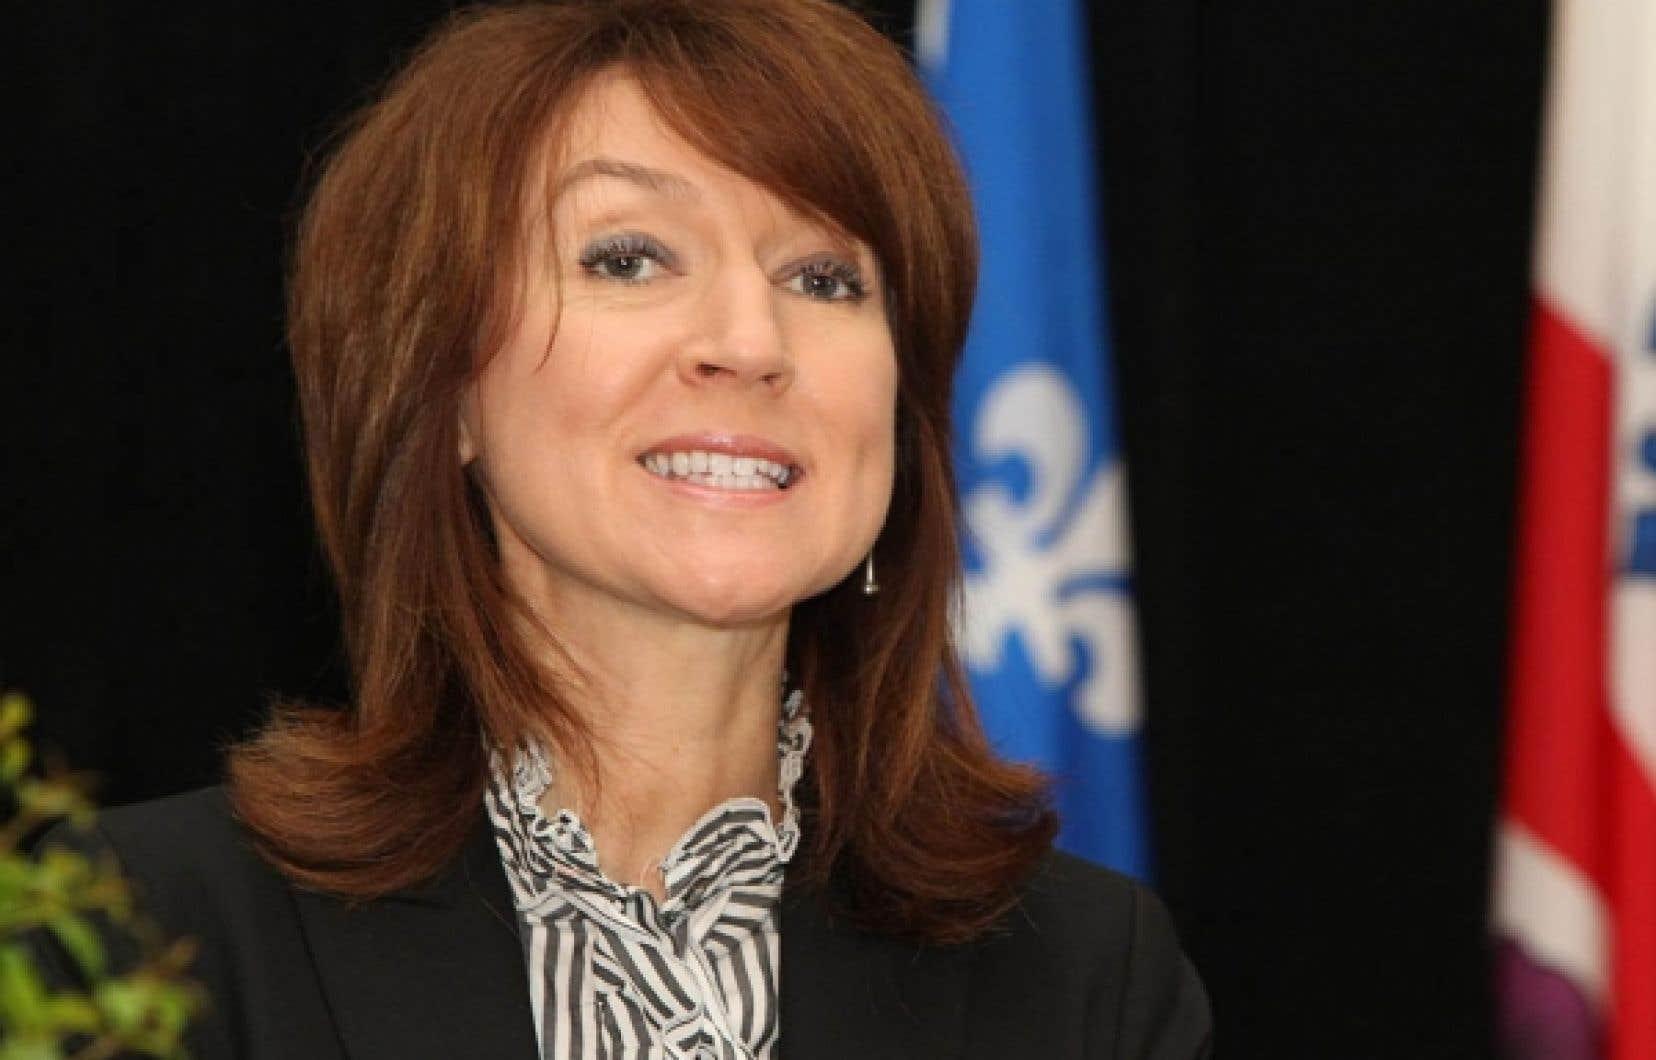 La ministre des Ressources naturelles, Nathalie Normandeau, avait ordonné la fermeture du puits en mars, mais les opposants aux gaz de schiste avaient dénoncé la décision, puisque le méthane aurait néanmoins continué à s'échapper et la compagnie aurait été dégagée de toute responsabilité.